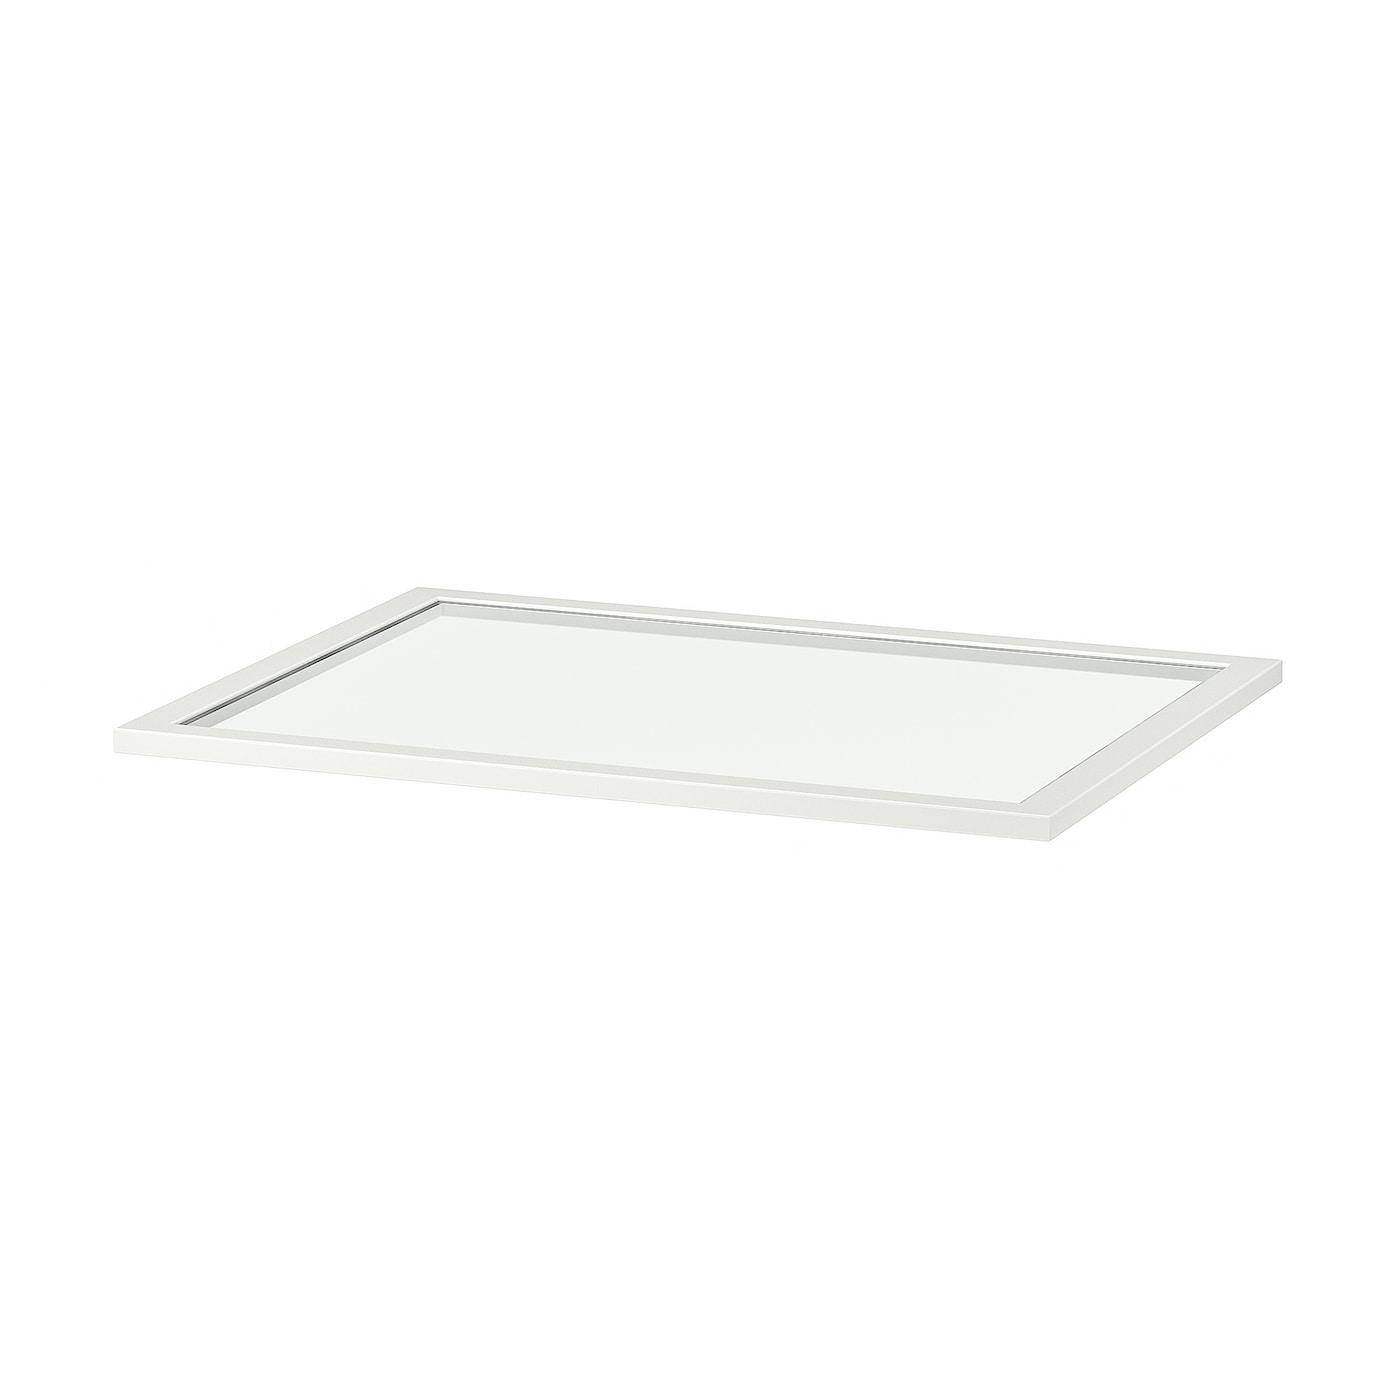 pax caisson d 39 armoire blanc 75 x 58 x 236 cm ikea. Black Bedroom Furniture Sets. Home Design Ideas